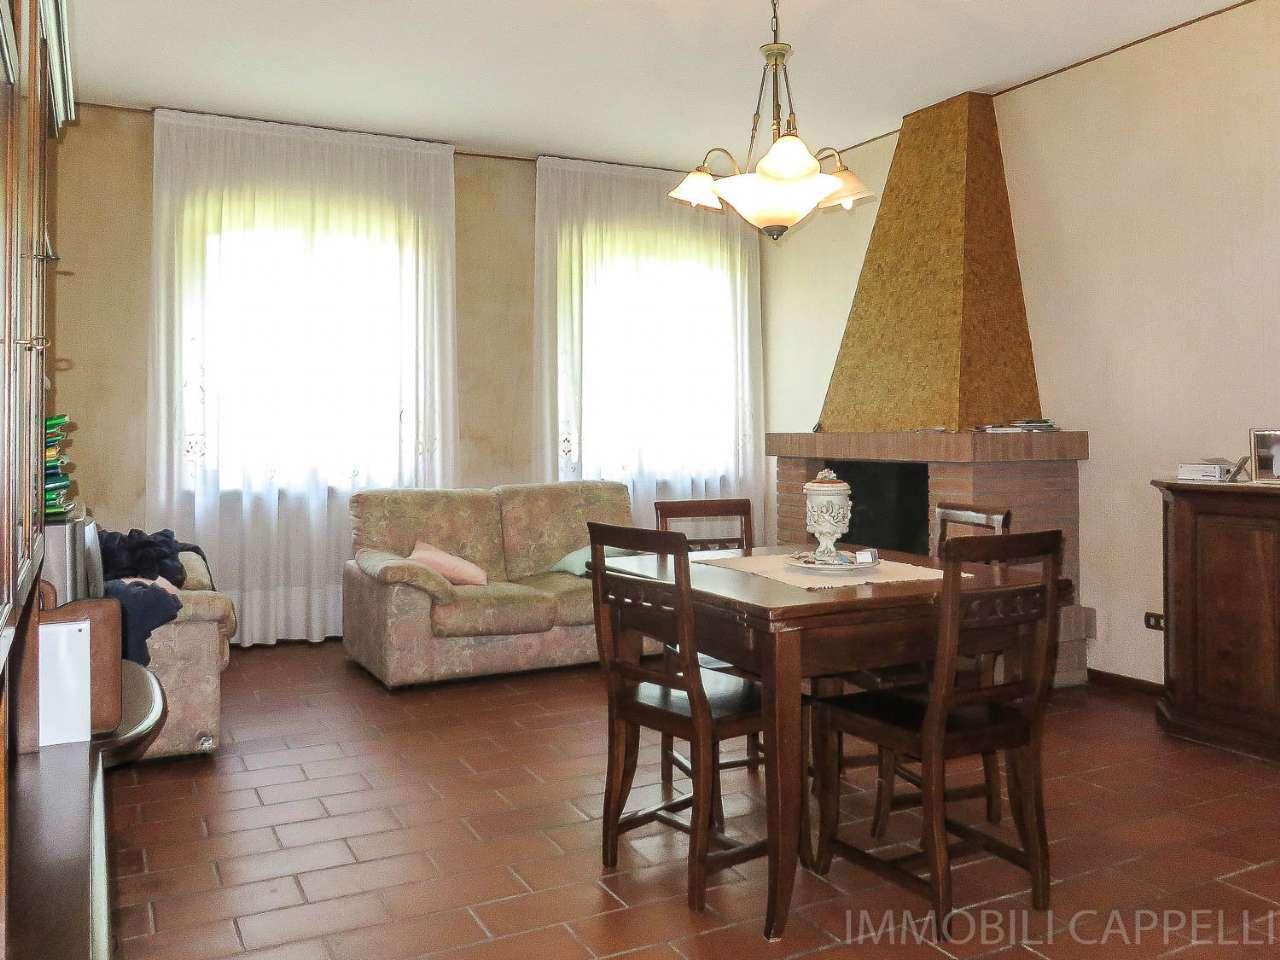 Villa in vendita a Forlimpopoli, 10 locali, Trattative riservate   CambioCasa.it